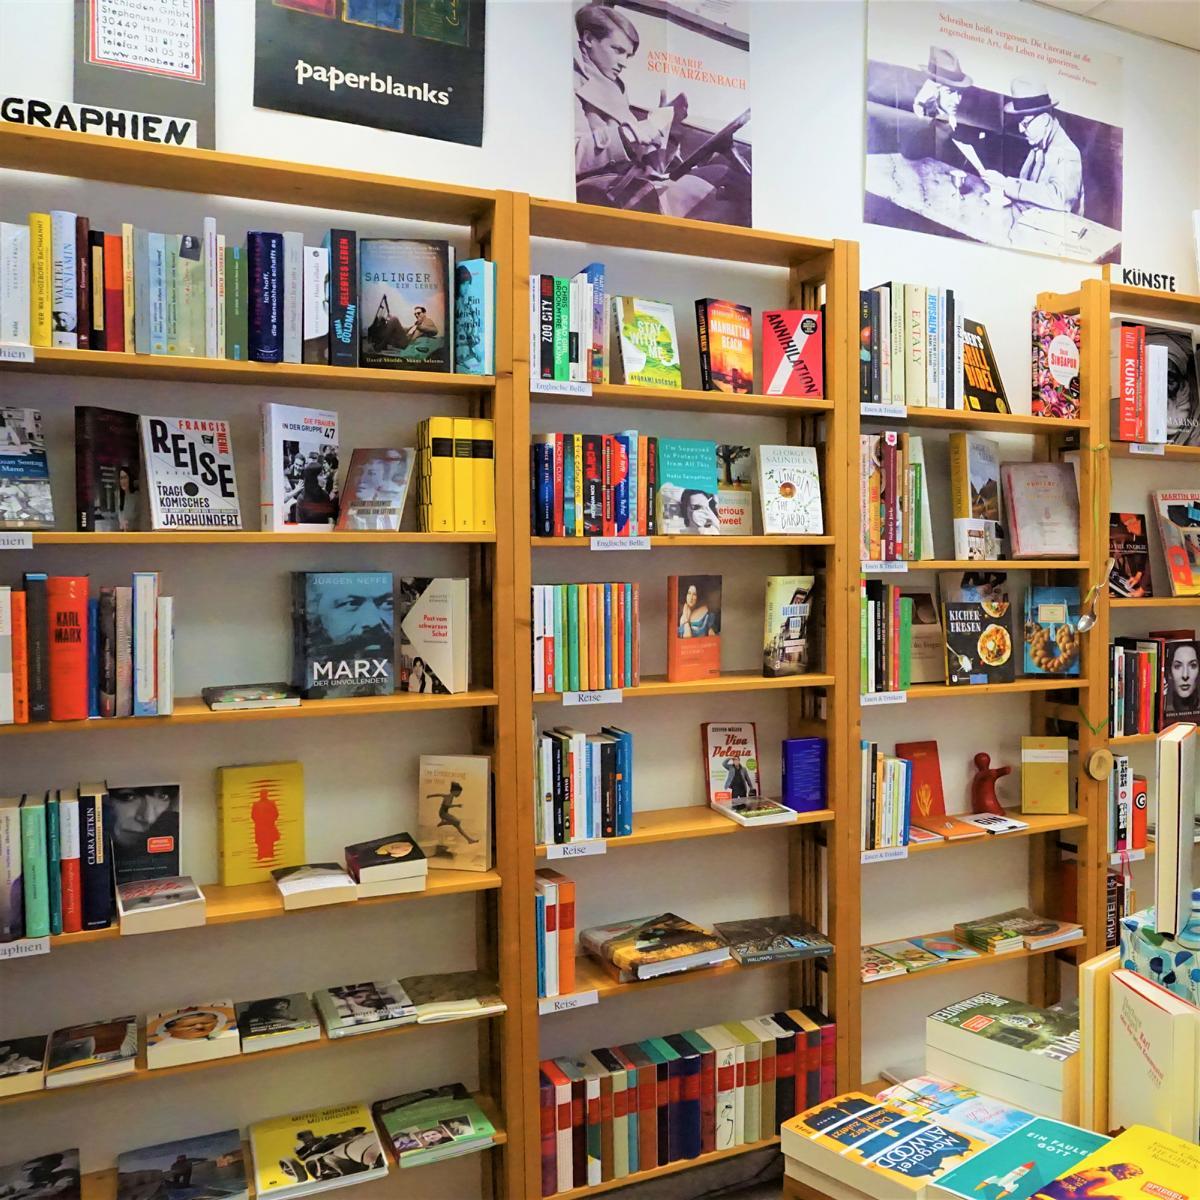 style hannover annabee buchladen 4 - Annabee Buchladen: Hier entscheidet das Kollektiv